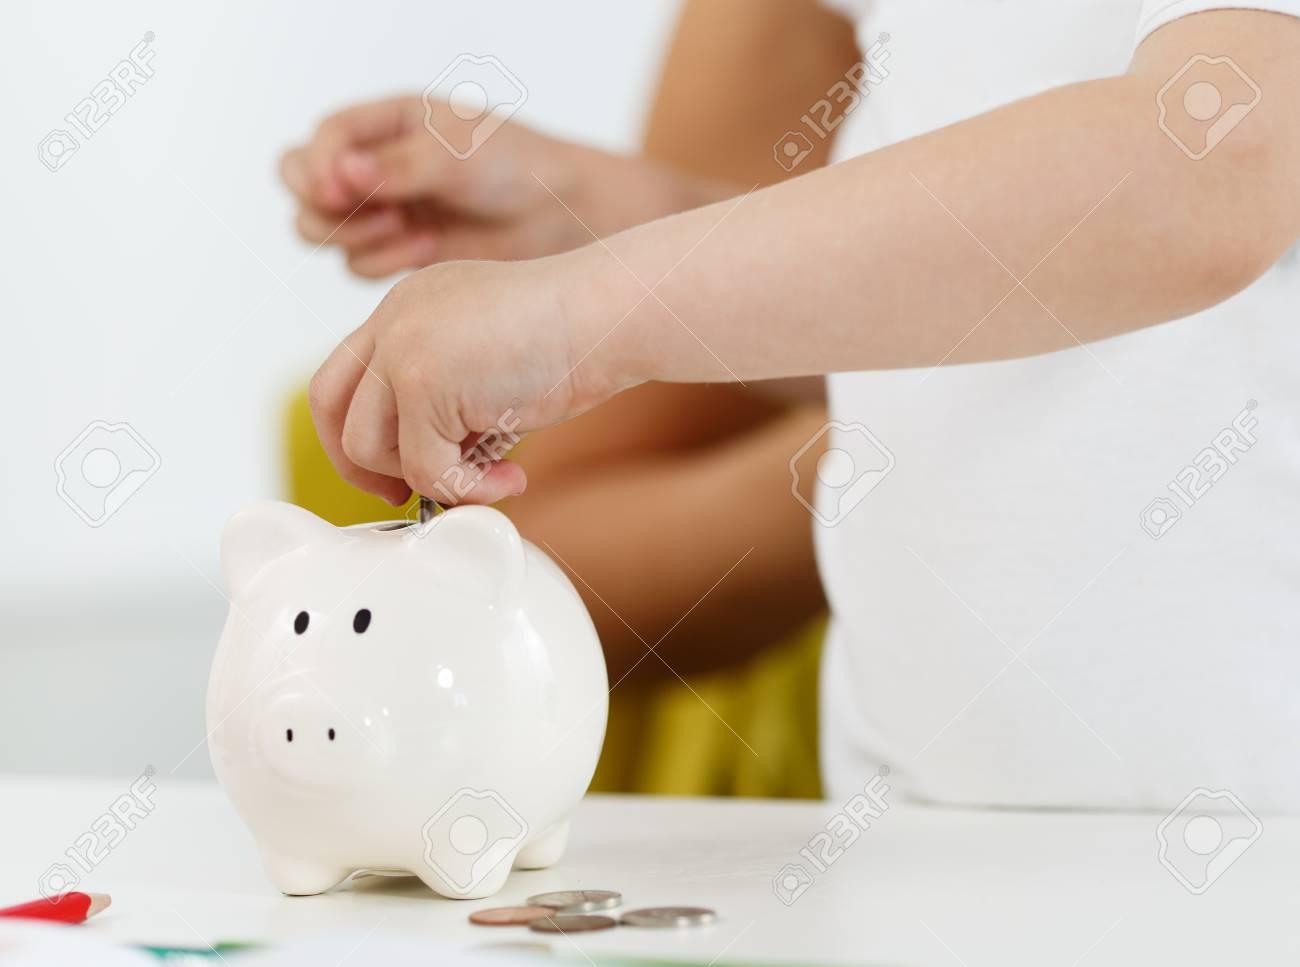 Child Hand Setzen Stift Geld Münzen In Weiß Sparschwein Slot